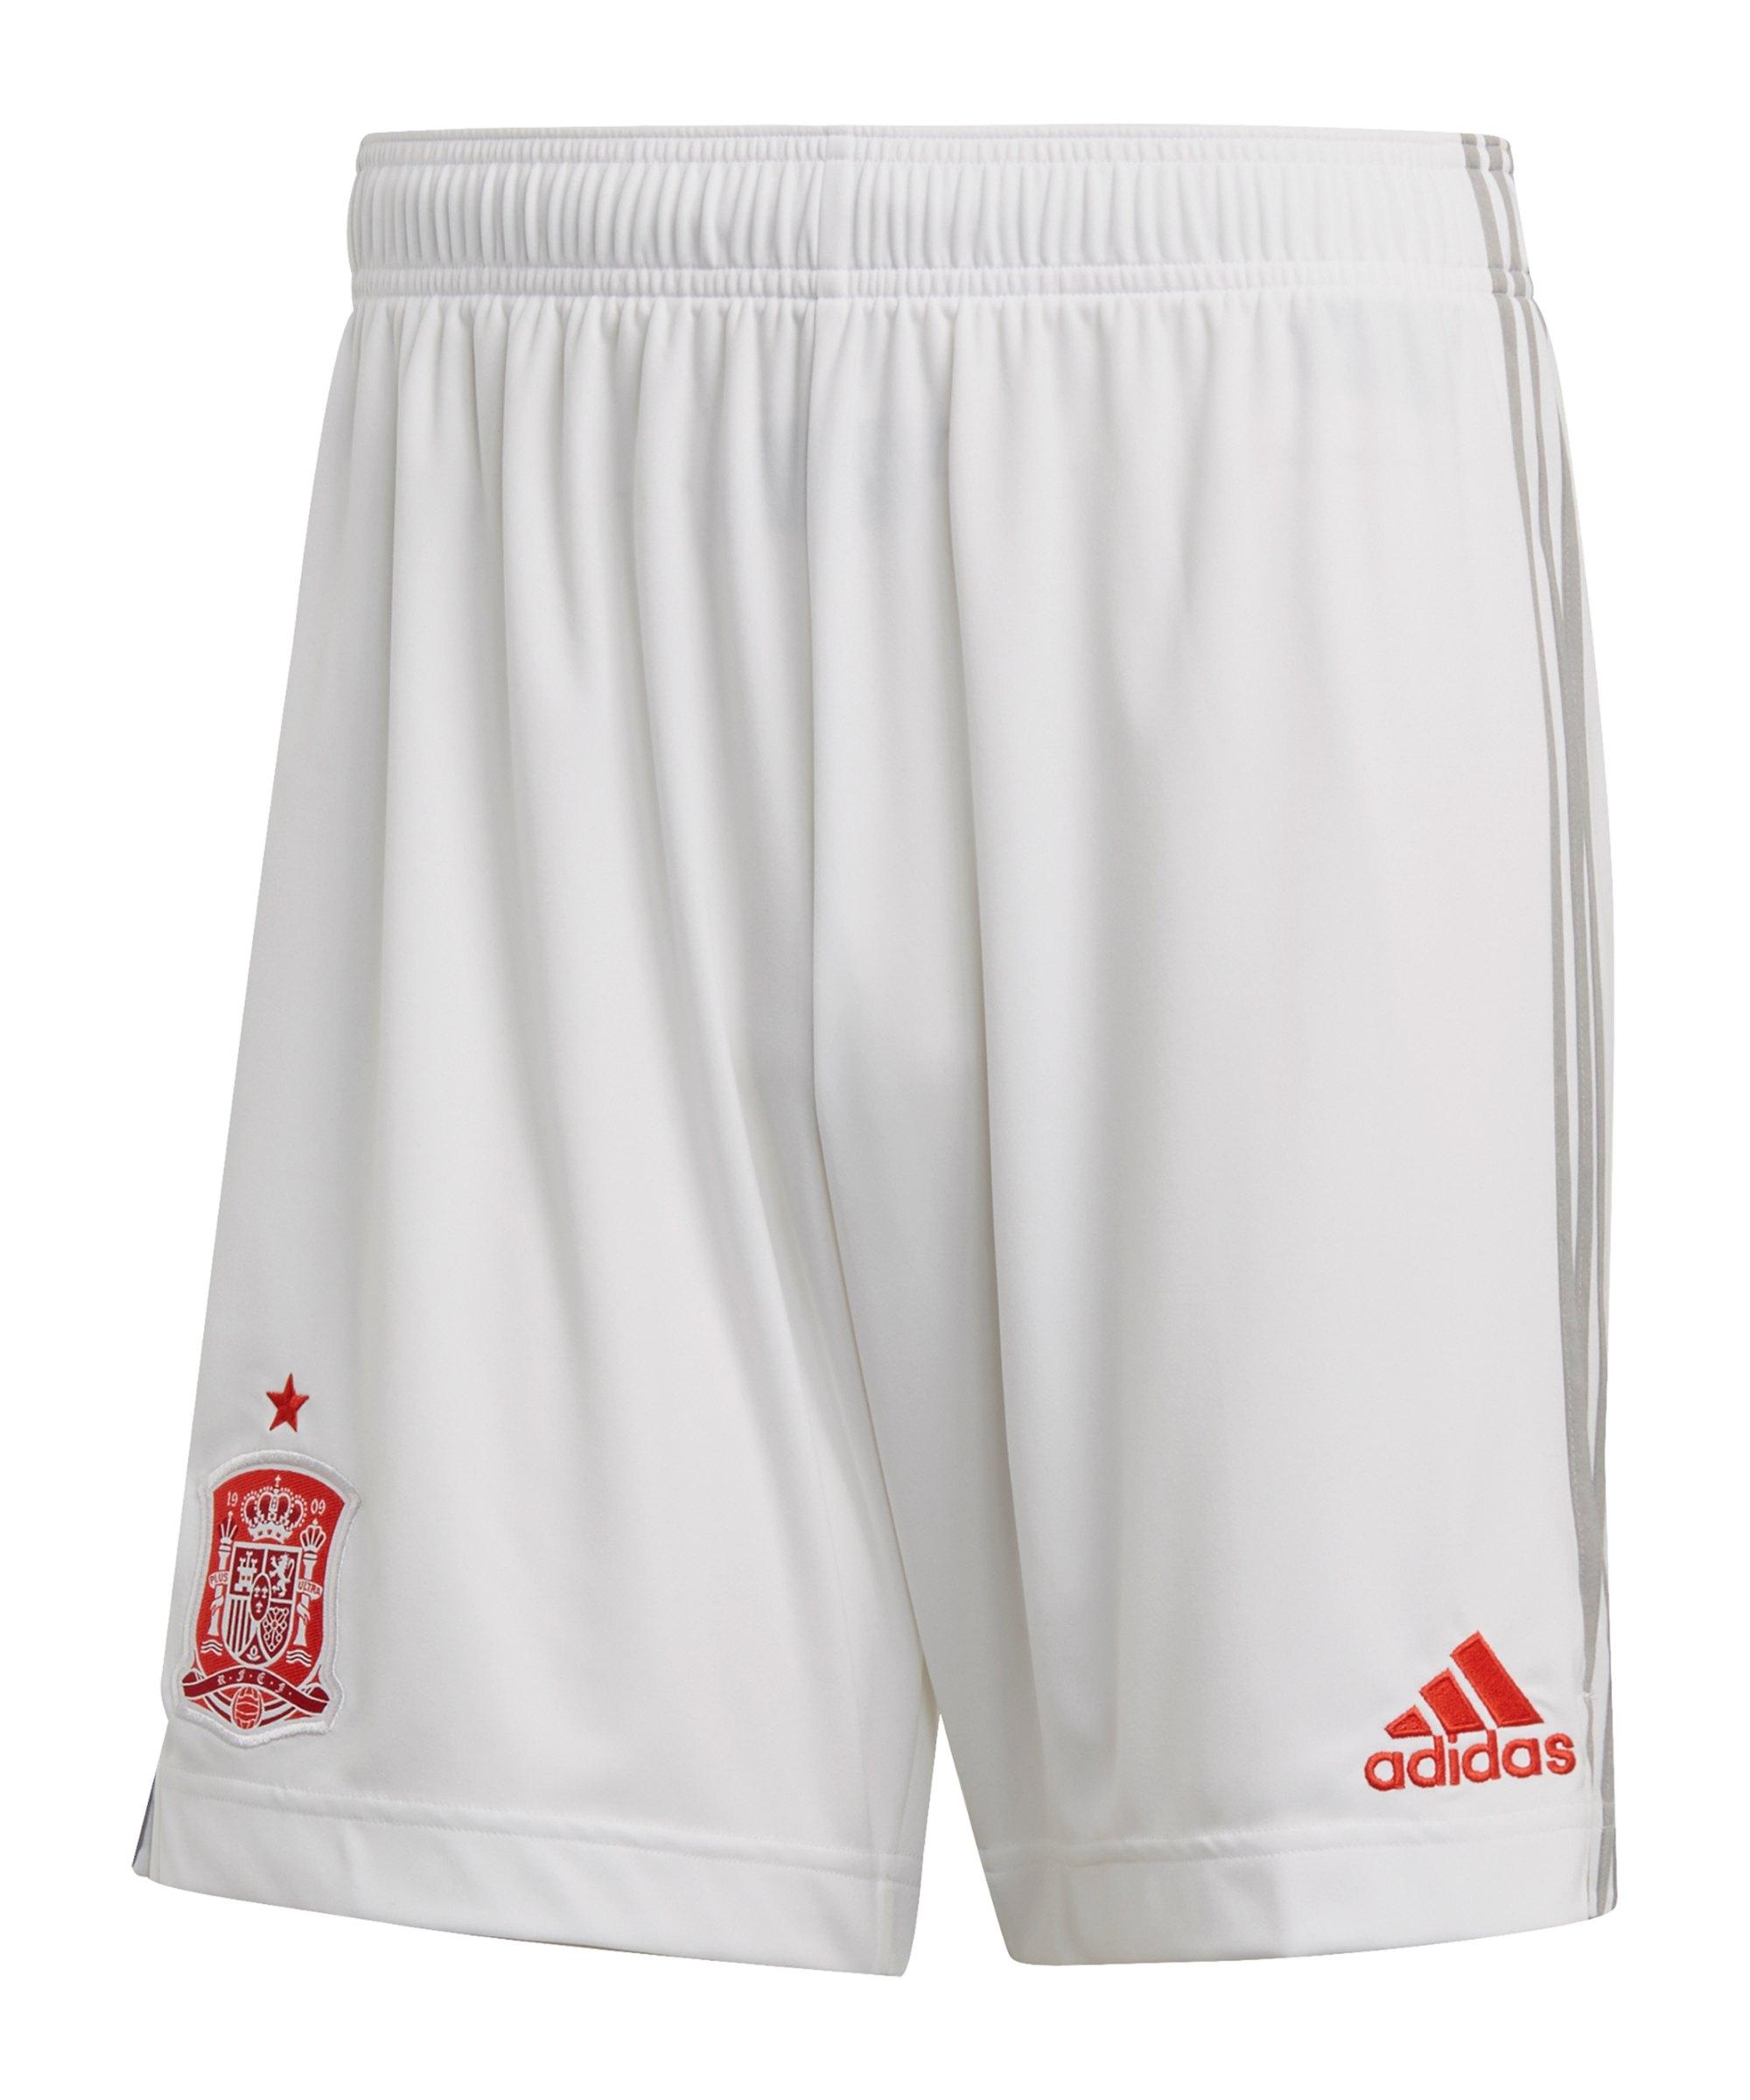 adidas Spanien Short Away EM 2020 Weiss - weiss